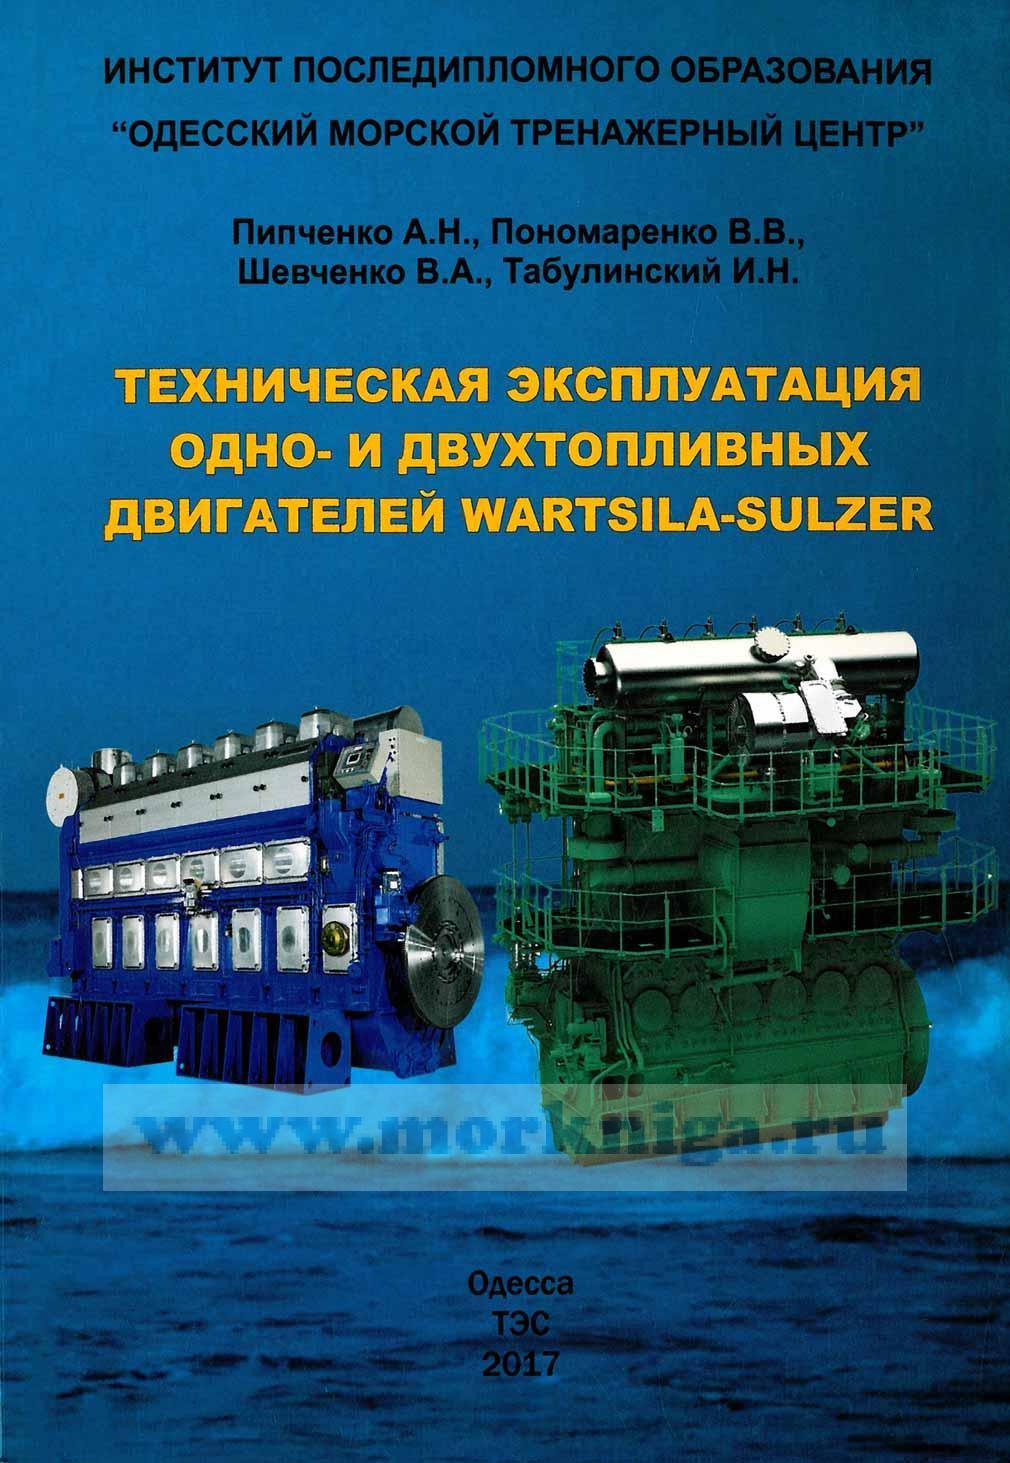 Техническая эксплуатация одно- и двухтопливных двигателей Wartsila-Sulzer: Учебное пособие